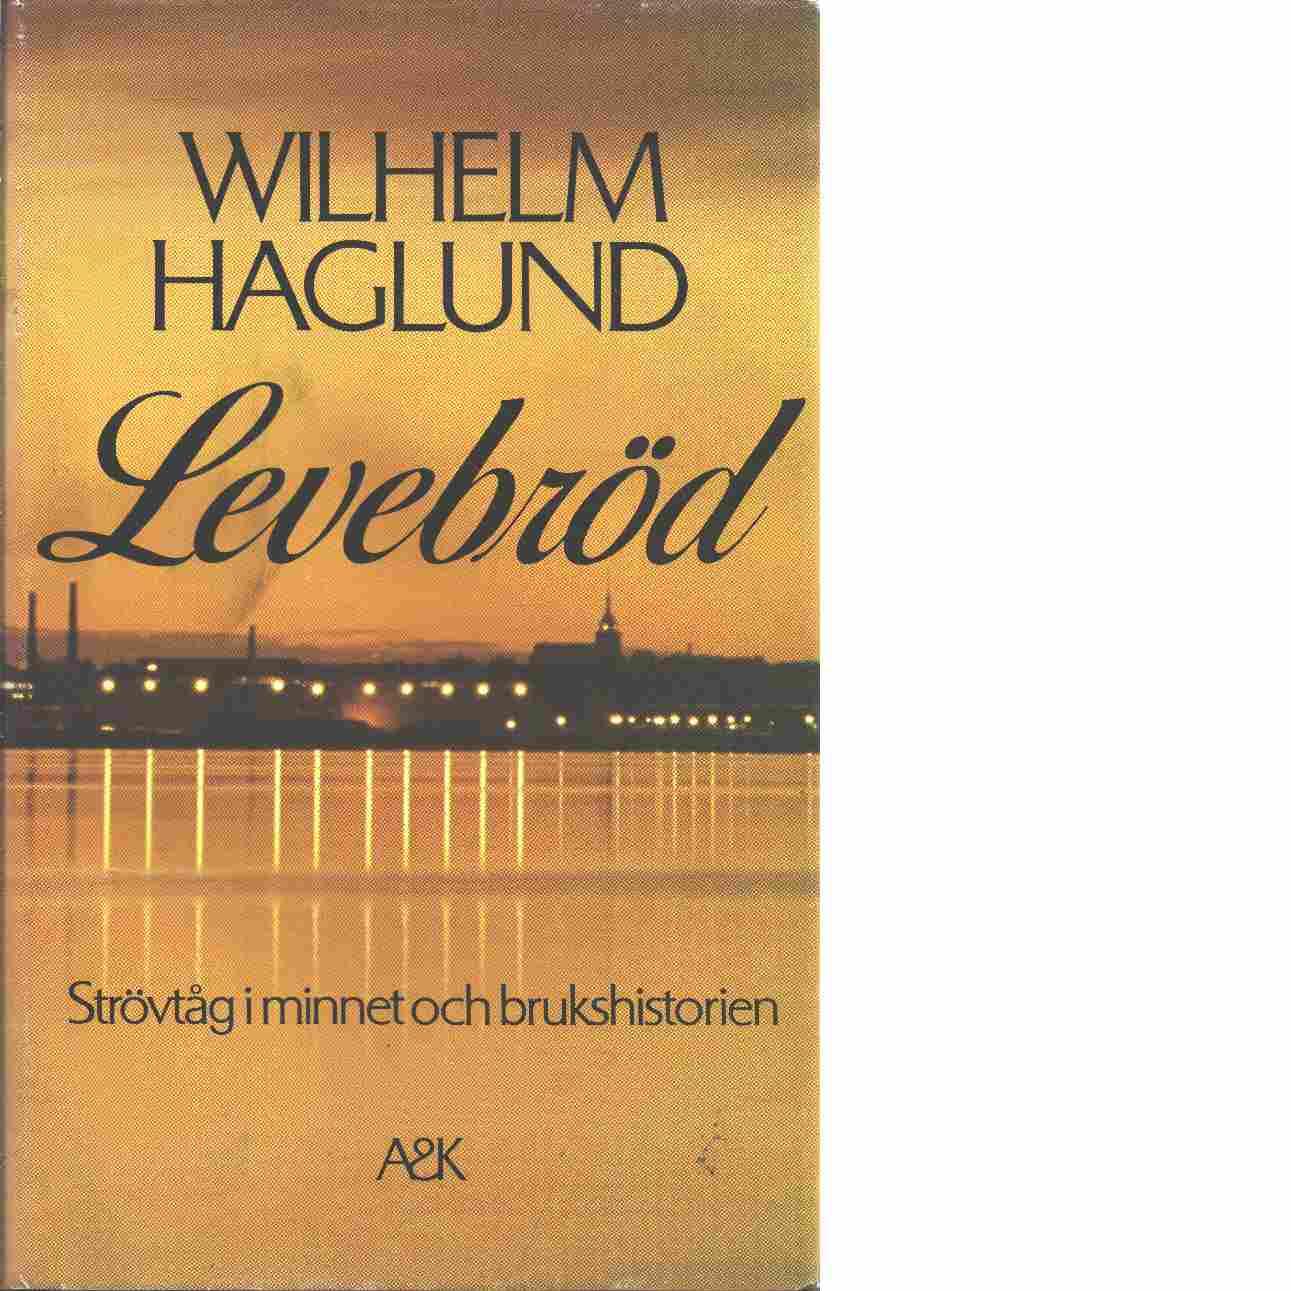 Levebröd : strövtåg i minnet och brukshistorien - Haglund, Wilhelm